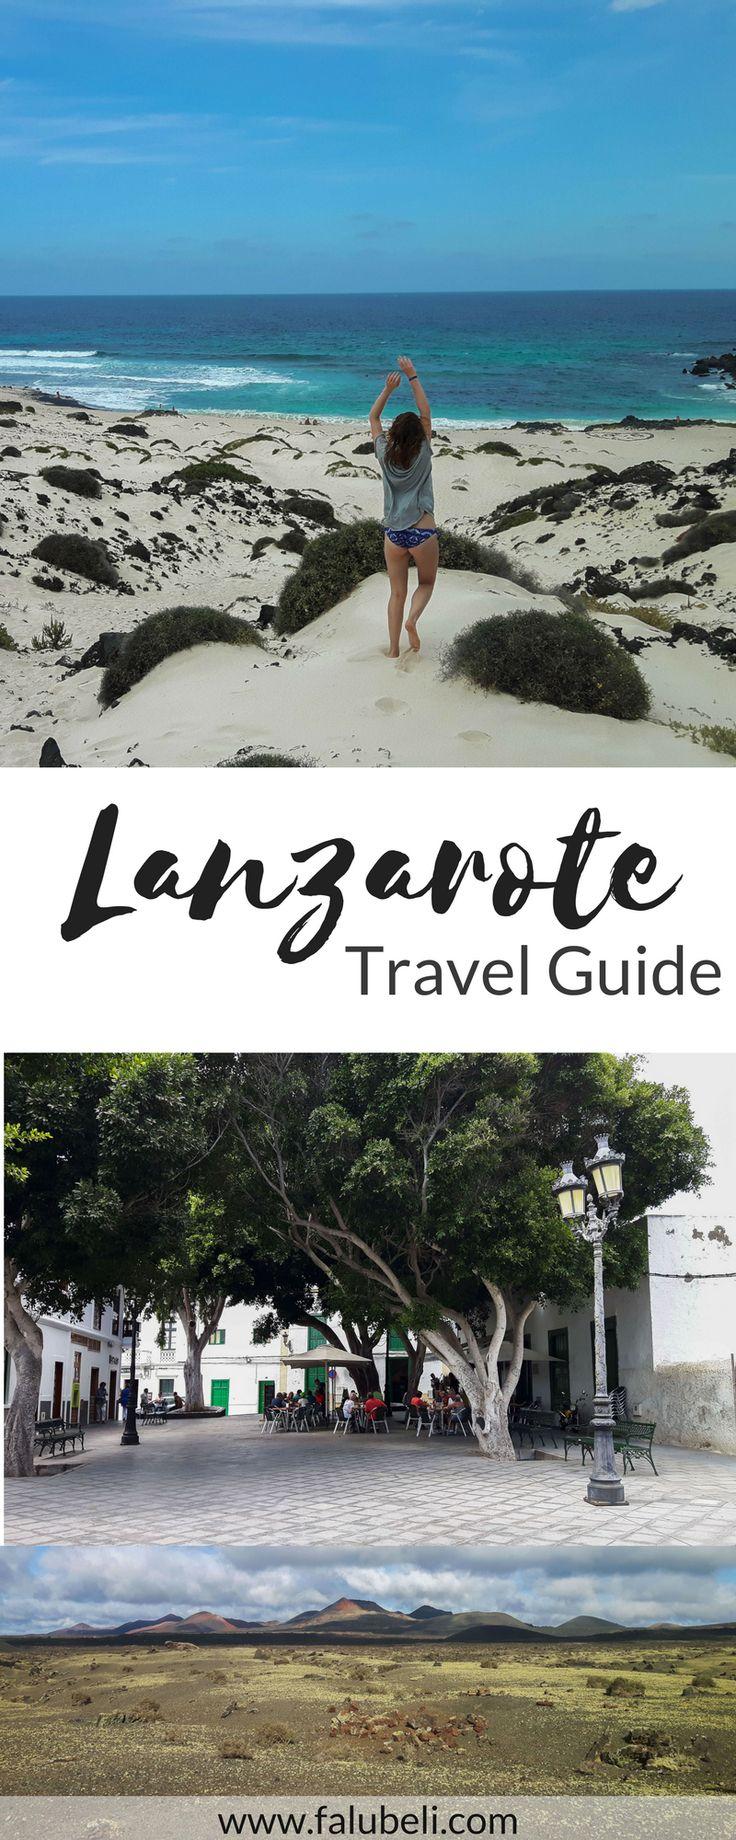 Ein Travel Guide für die schönste Kanarische Insel Lanzarote. Entdecke endlose Strände, wundervolle Küstenstädte und Wanderungen durch Mondlandschaften. Jetzt auf WWW.FALUBELI.COM